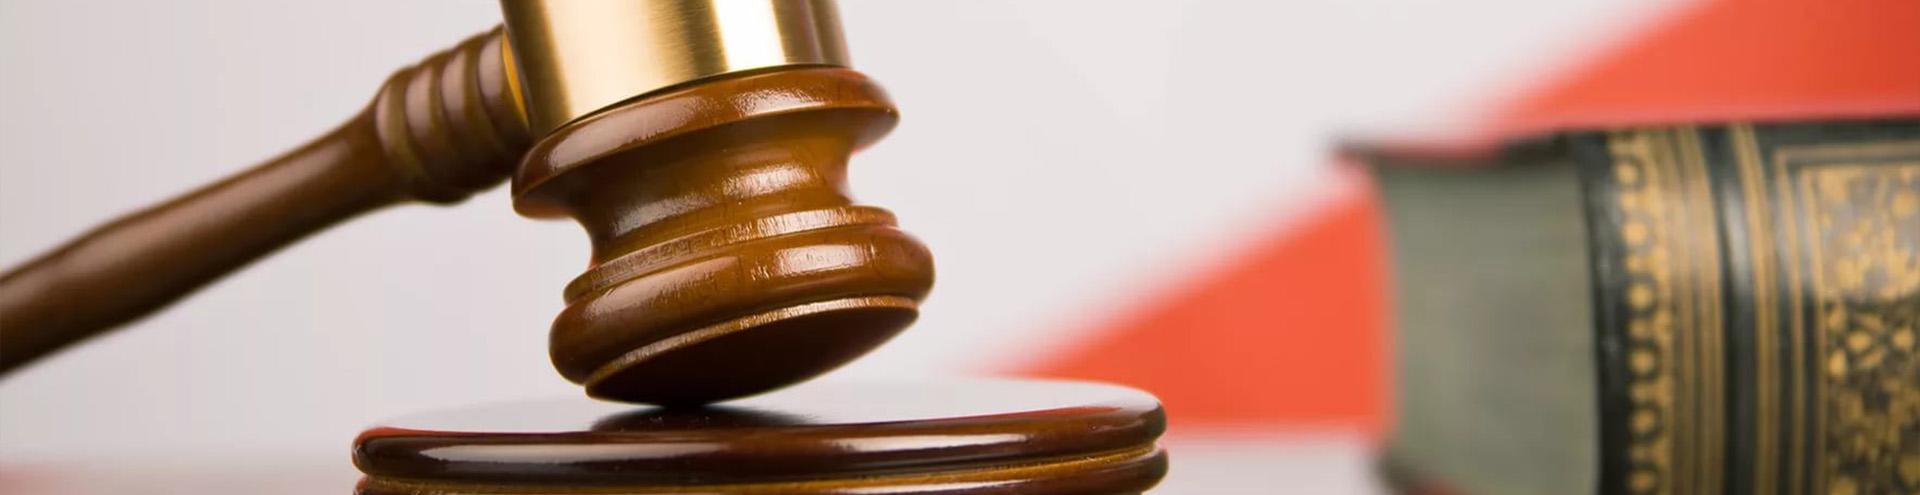 выдача судебного приказа в Чебоксарах и Чувашской Республике